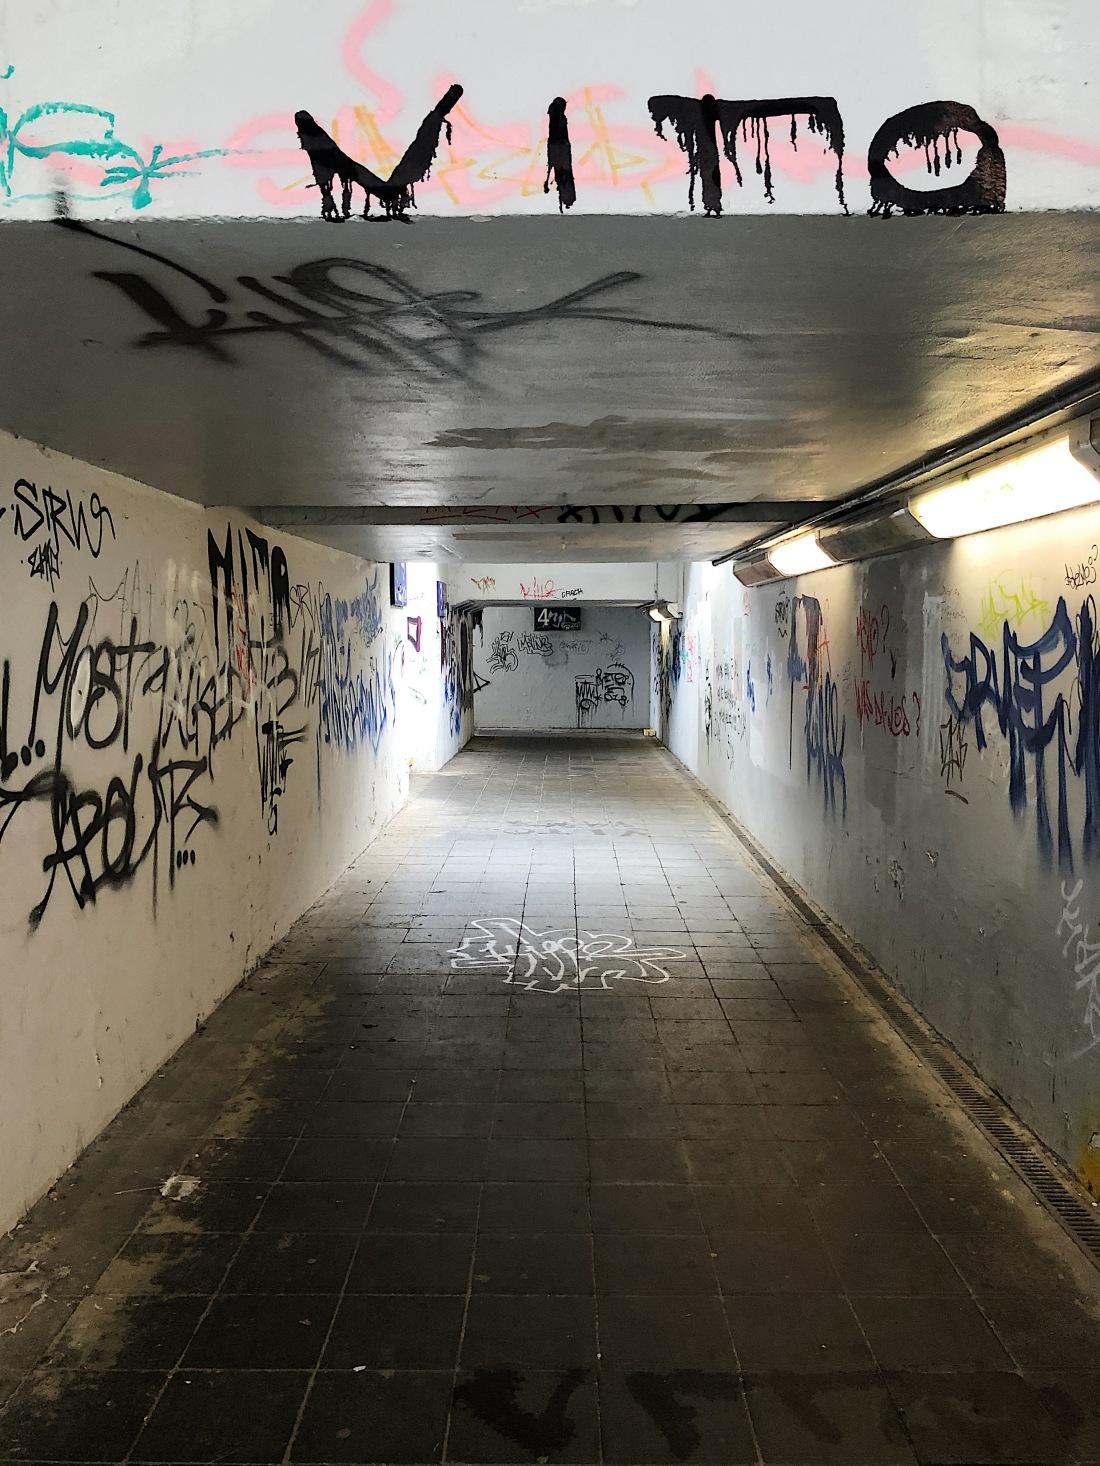 Unterführung zu den Gleisen am Bahnhof Calau, Graffitis sind zu sehen